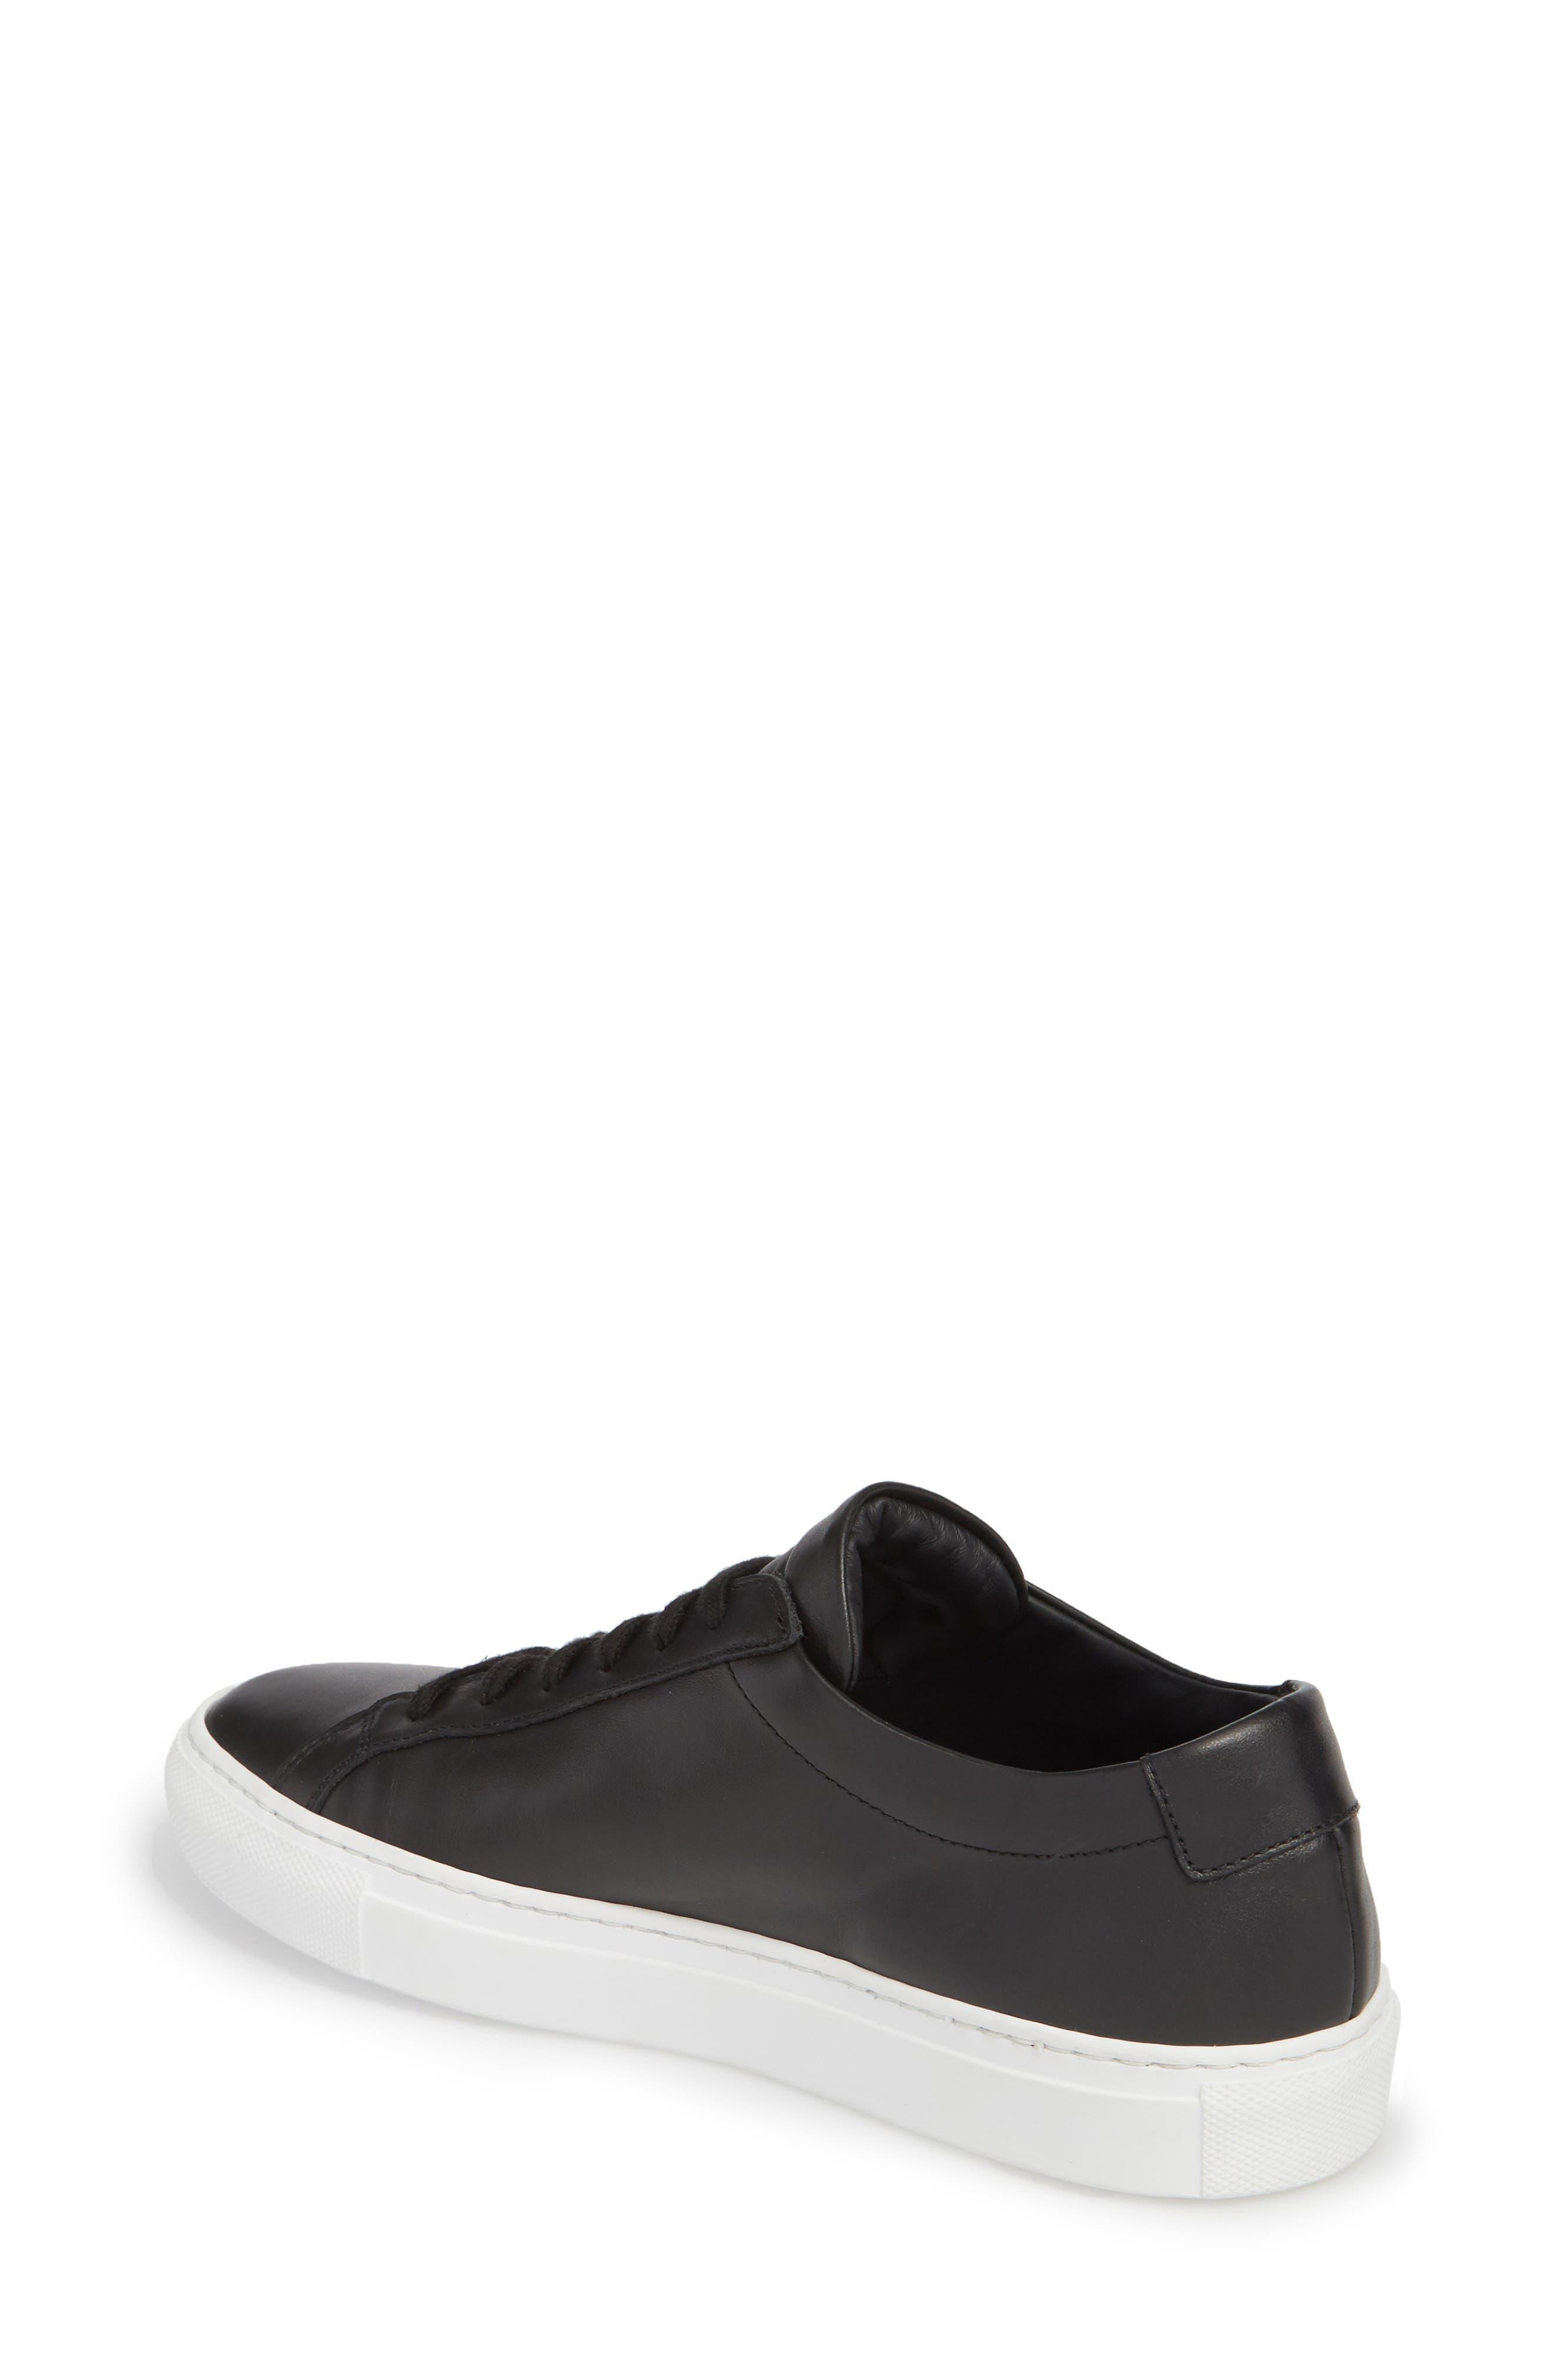 COMMON PROJECTS, Original Achilles Low Sneaker, Alternate thumbnail 2, color, BLACK